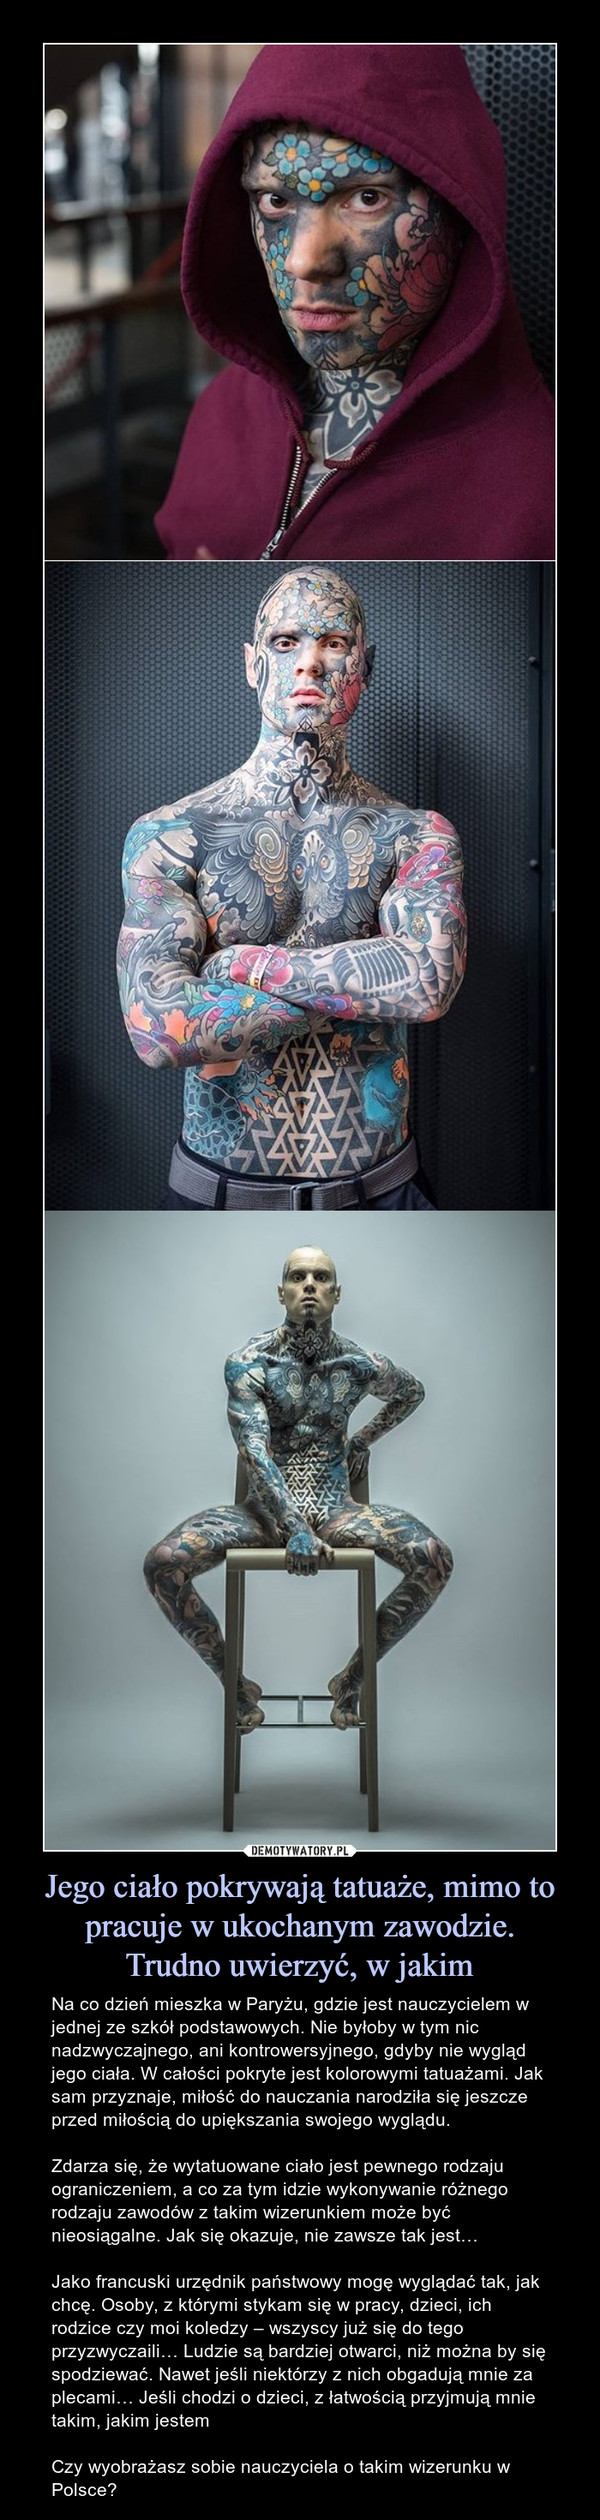 Jego ciało pokrywają tatuaże, mimo to pracuje w ukochanym zawodzie.Trudno uwierzyć, w jakim – Na co dzień mieszka w Paryżu, gdzie jest nauczycielem w jednej ze szkół podstawowych. Nie byłoby w tym nic nadzwyczajnego, ani kontrowersyjnego, gdyby nie wygląd jego ciała. W całości pokryte jest kolorowymi tatuażami. Jak sam przyznaje, miłość do nauczania narodziła się jeszcze przed miłością do upiększania swojego wyglądu.Zdarza się, że wytatuowane ciało jest pewnego rodzaju ograniczeniem, a co za tym idzie wykonywanie różnego rodzaju zawodów z takim wizerunkiem może być nieosiągalne. Jak się okazuje, nie zawsze tak jest…Jako francuski urzędnik państwowy mogę wyglądać tak, jak chcę. Osoby, z którymi stykam się w pracy, dzieci, ich rodzice czy moi koledzy – wszyscy już się do tego przyzwyczaili… Ludzie są bardziej otwarci, niż można by się spodziewać. Nawet jeśli niektórzy z nich obgadują mnie za plecami… Jeśli chodzi o dzieci, z łatwością przyjmują mnie takim, jakim jestemCzy wyobrażasz sobie nauczyciela o takim wizerunku w Polsce?